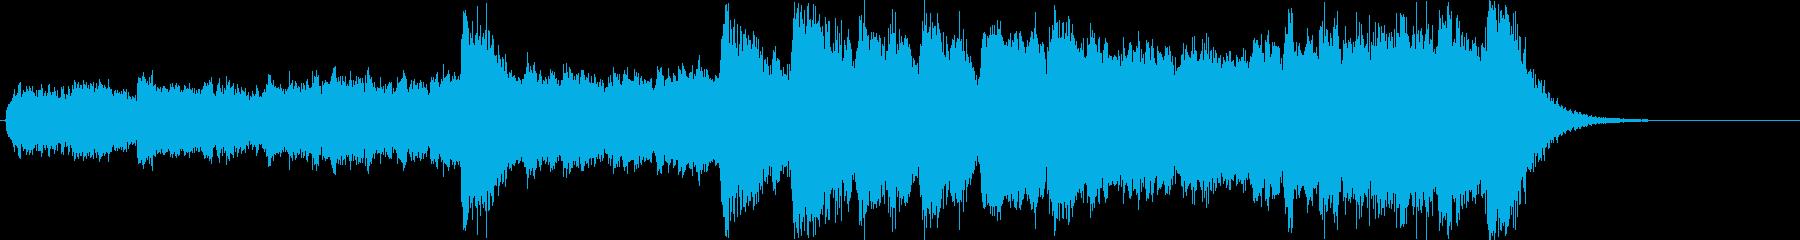 ハリウッド風30秒ファンファーレの再生済みの波形